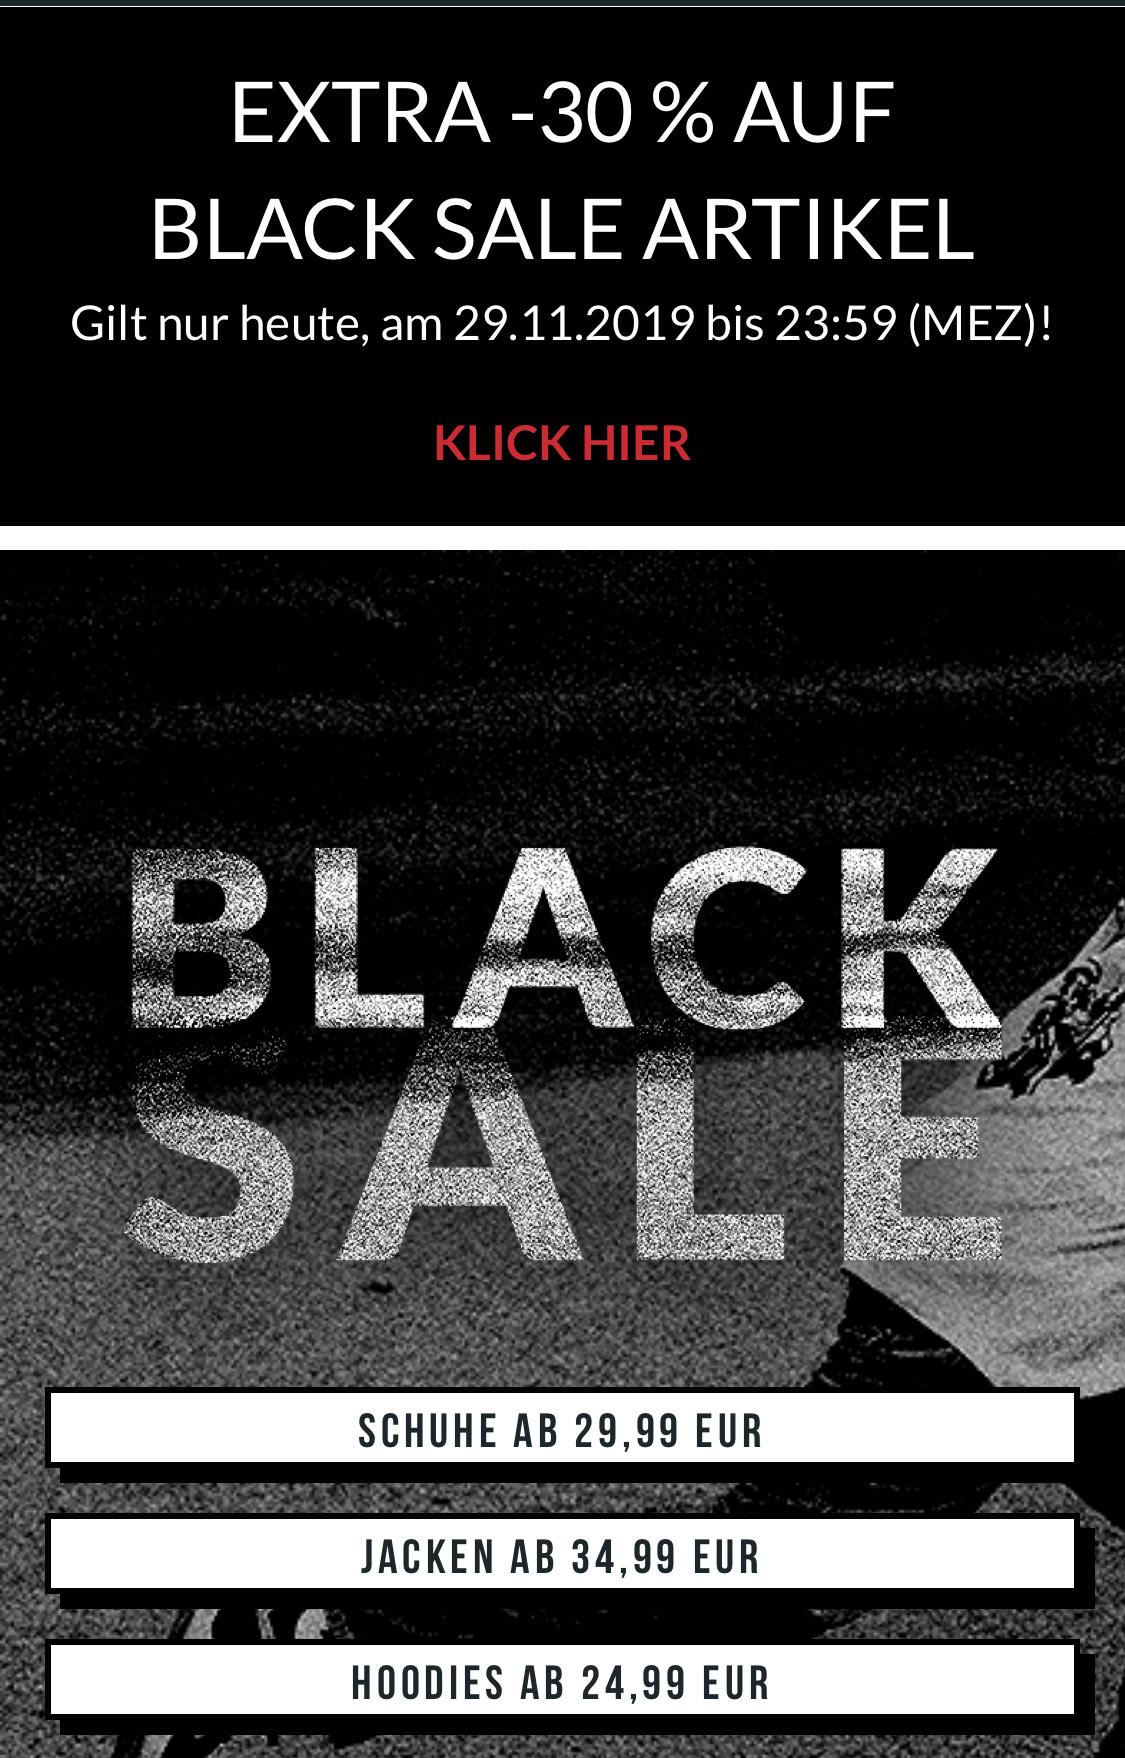 30% Black Friday Sale bei skatedeluxe.com